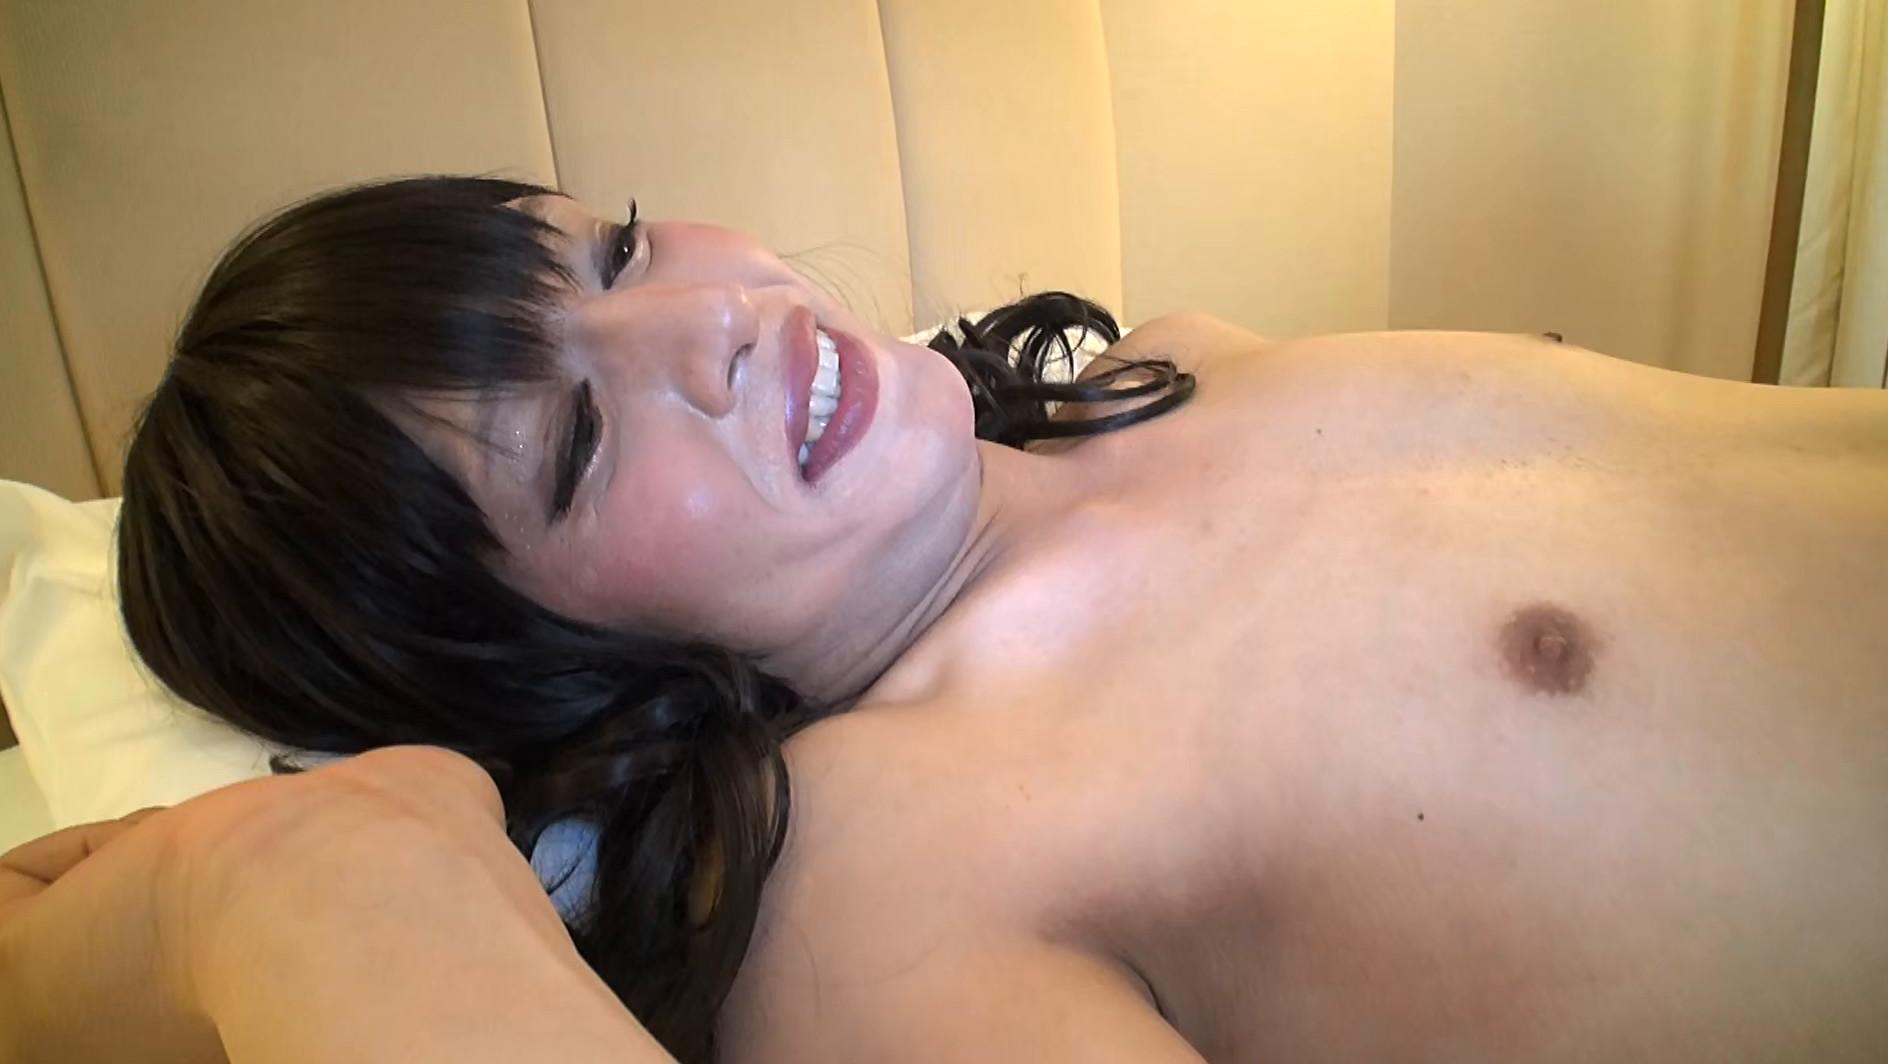 絶倫女装子デカマラ20センチ 紗咲愛美 画像11